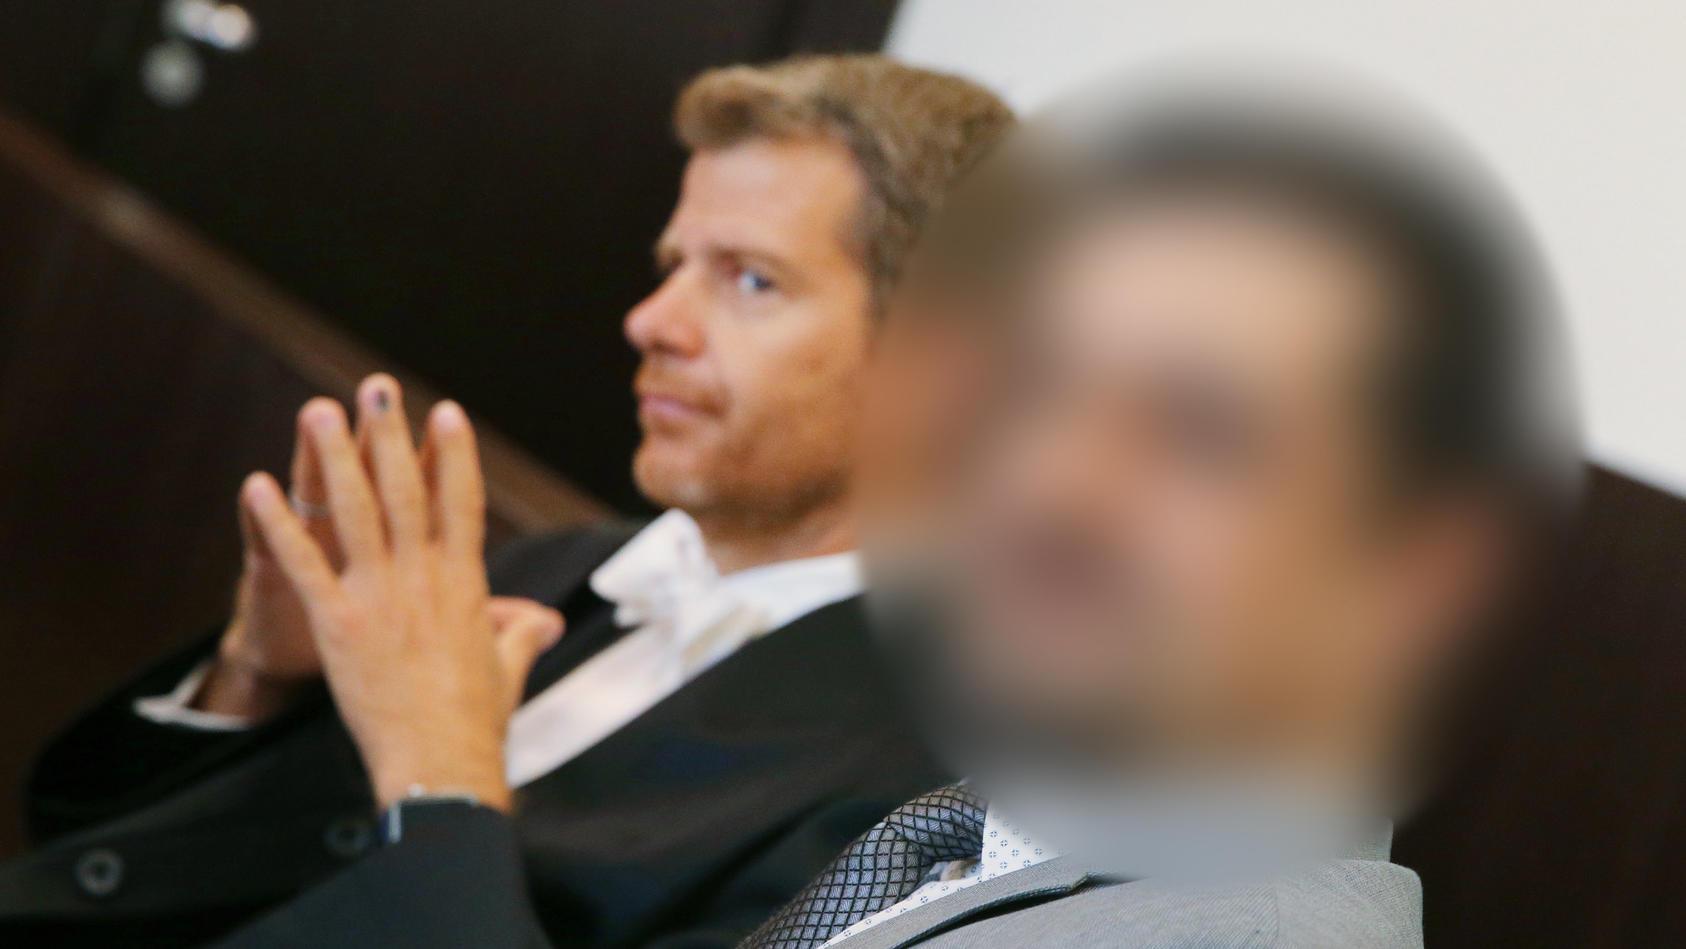 Der umstrittene Schönheits-Operateur (rechts) vor Gericht (Archivfoto, August 2019)